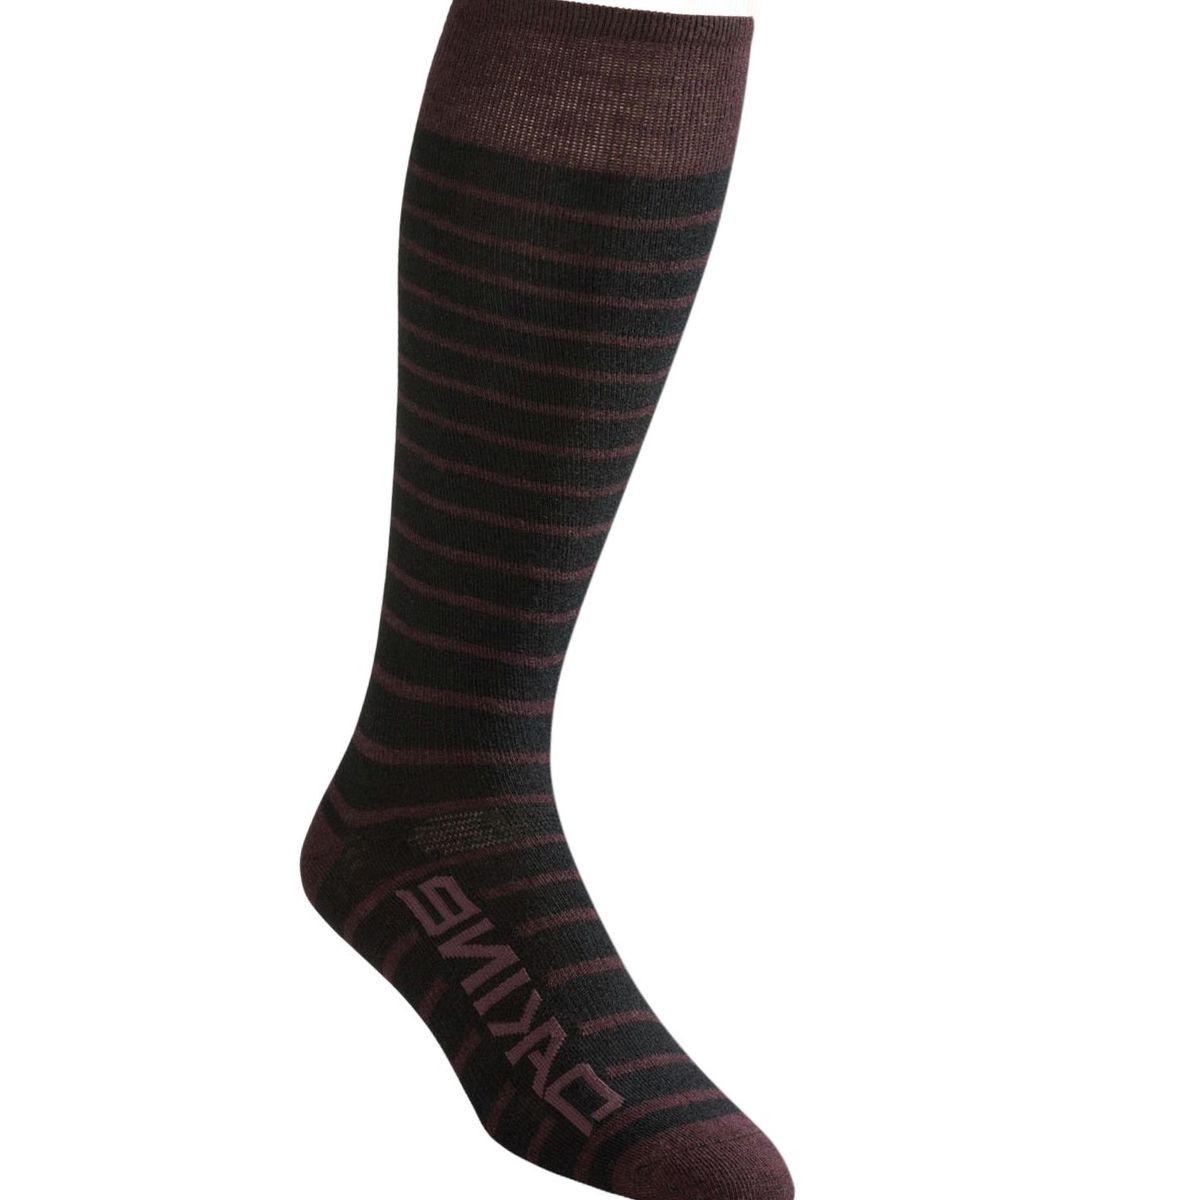 DAKINE Thinline Sock - Women's